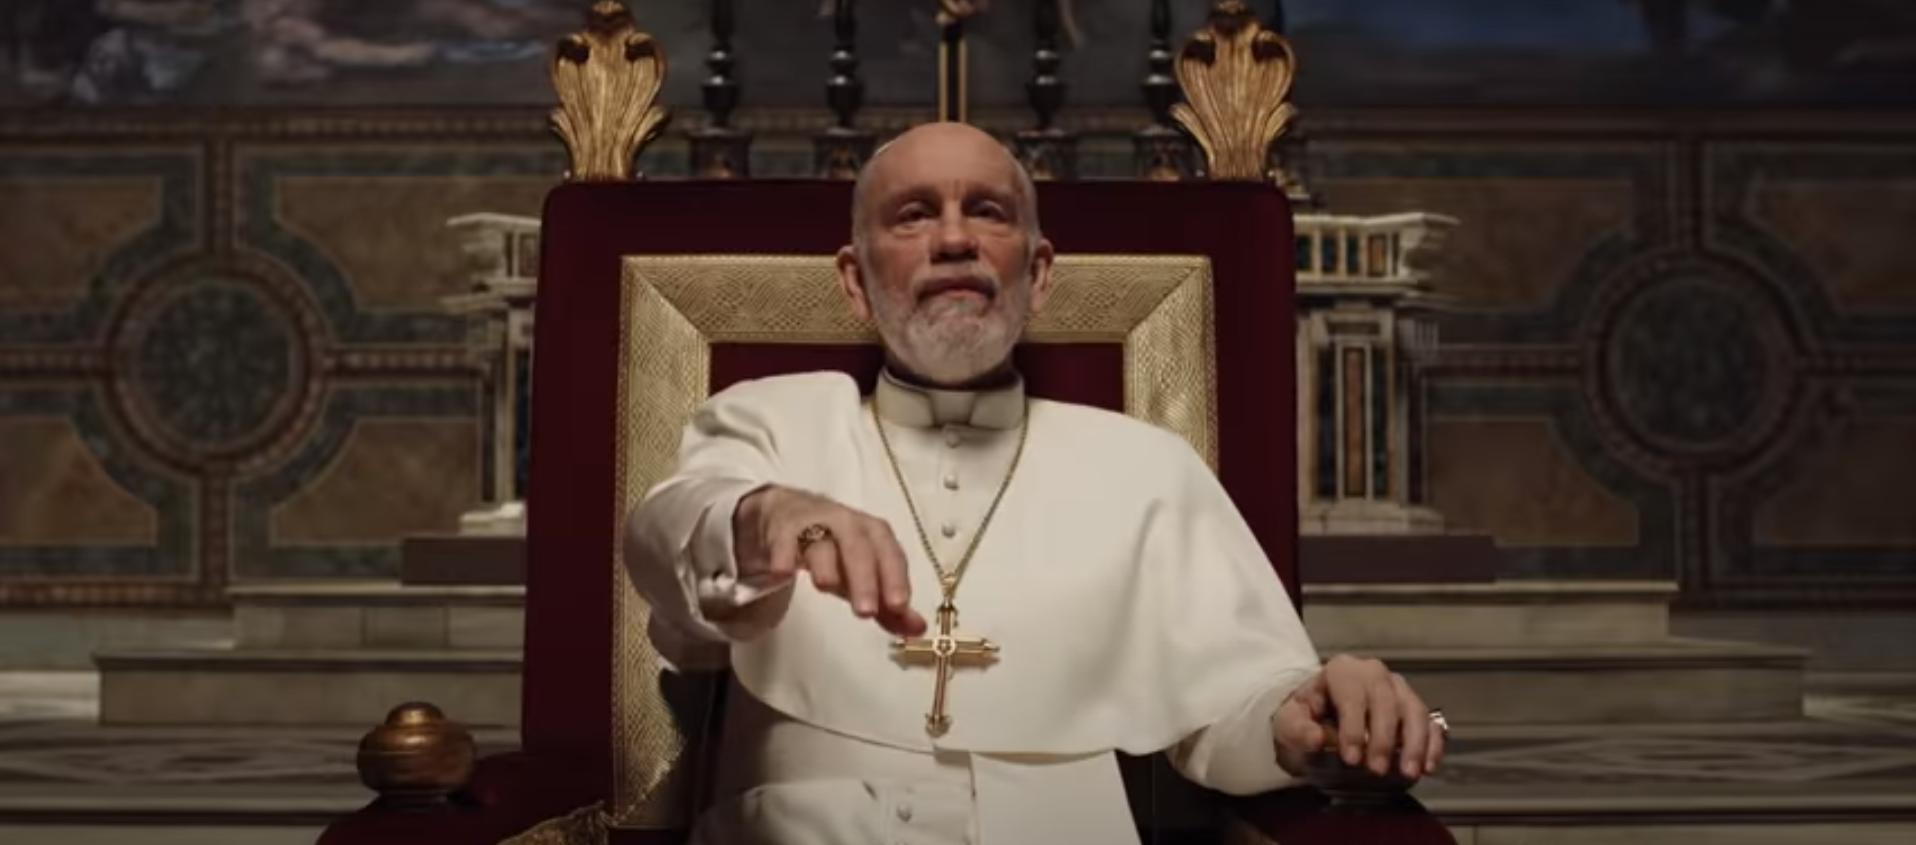 Новый Папа скриншот из сериала 2020